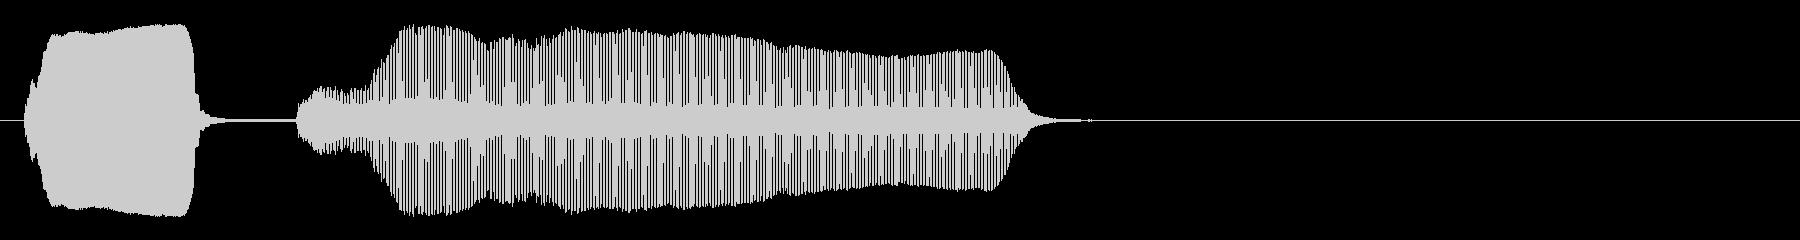 トランペット:UH OHアクセント...の未再生の波形